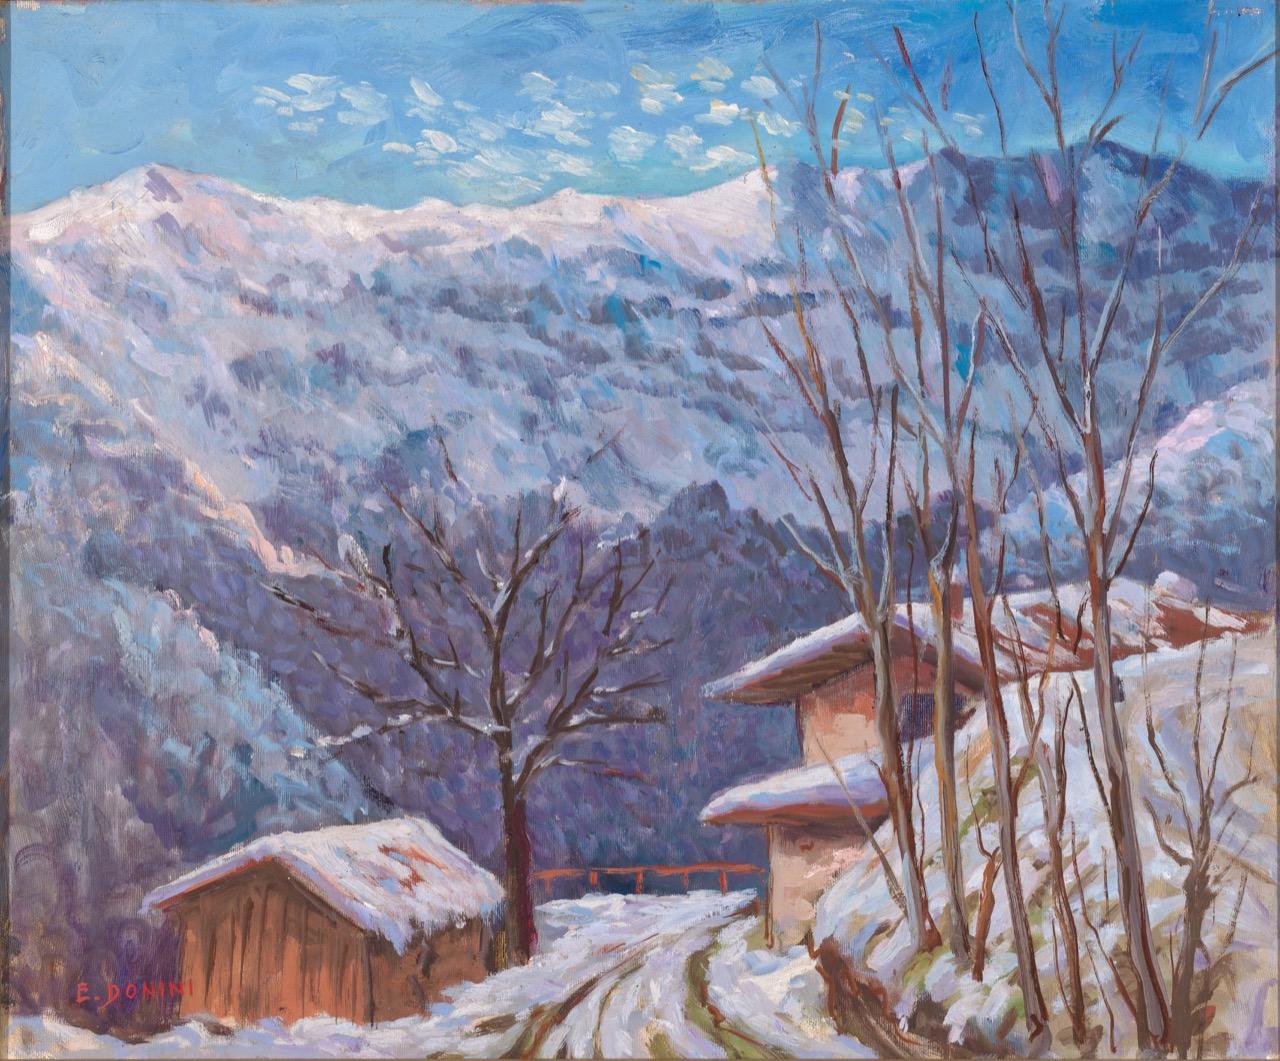 Pezzoro. Vicino al Monte Guglielmo, 1981, olio su tela, 50x60 cm